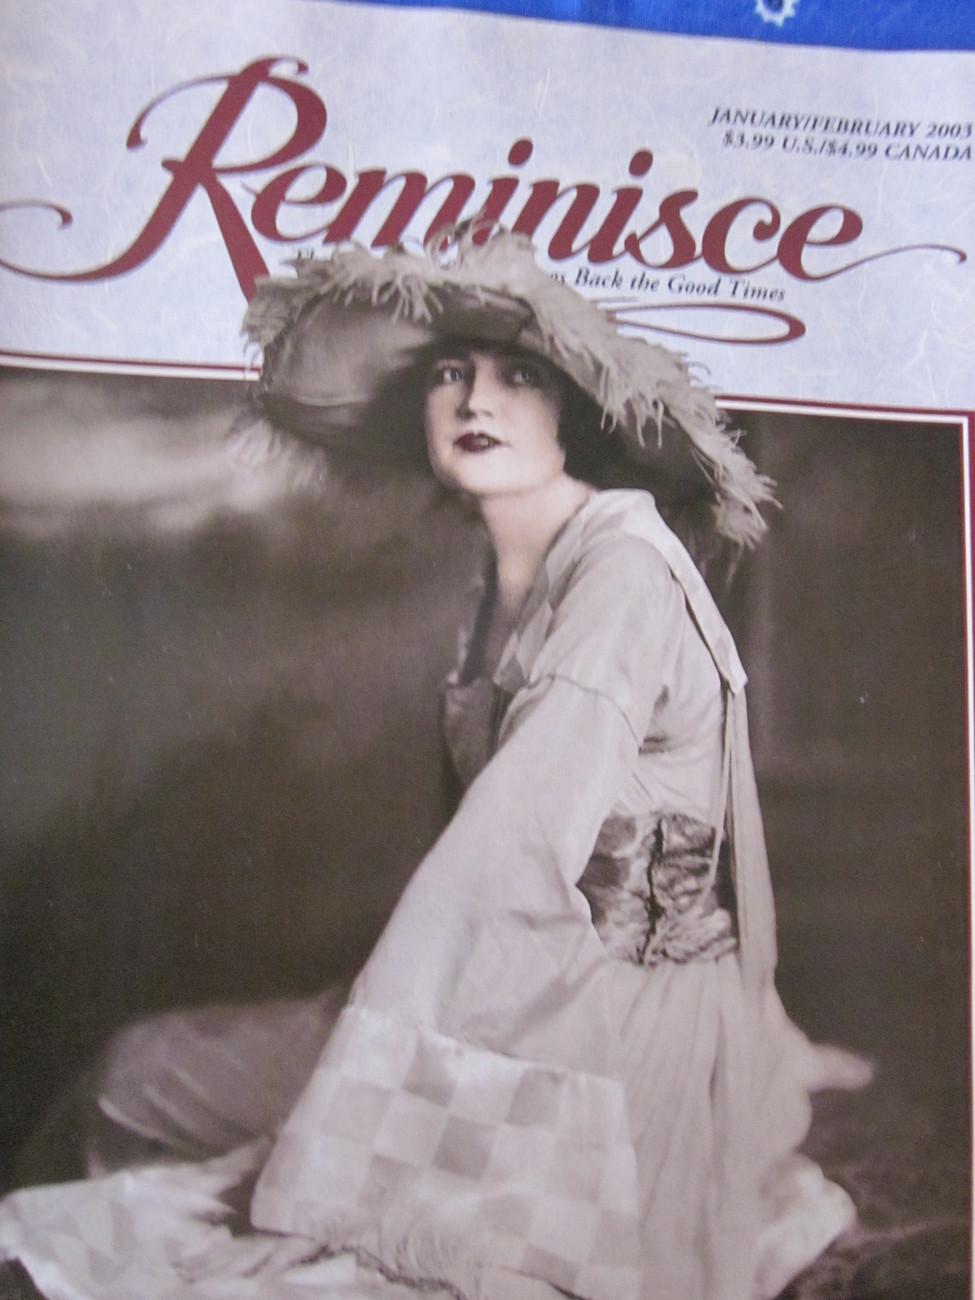 Reminisce Magazine Back Issue January / February 2003